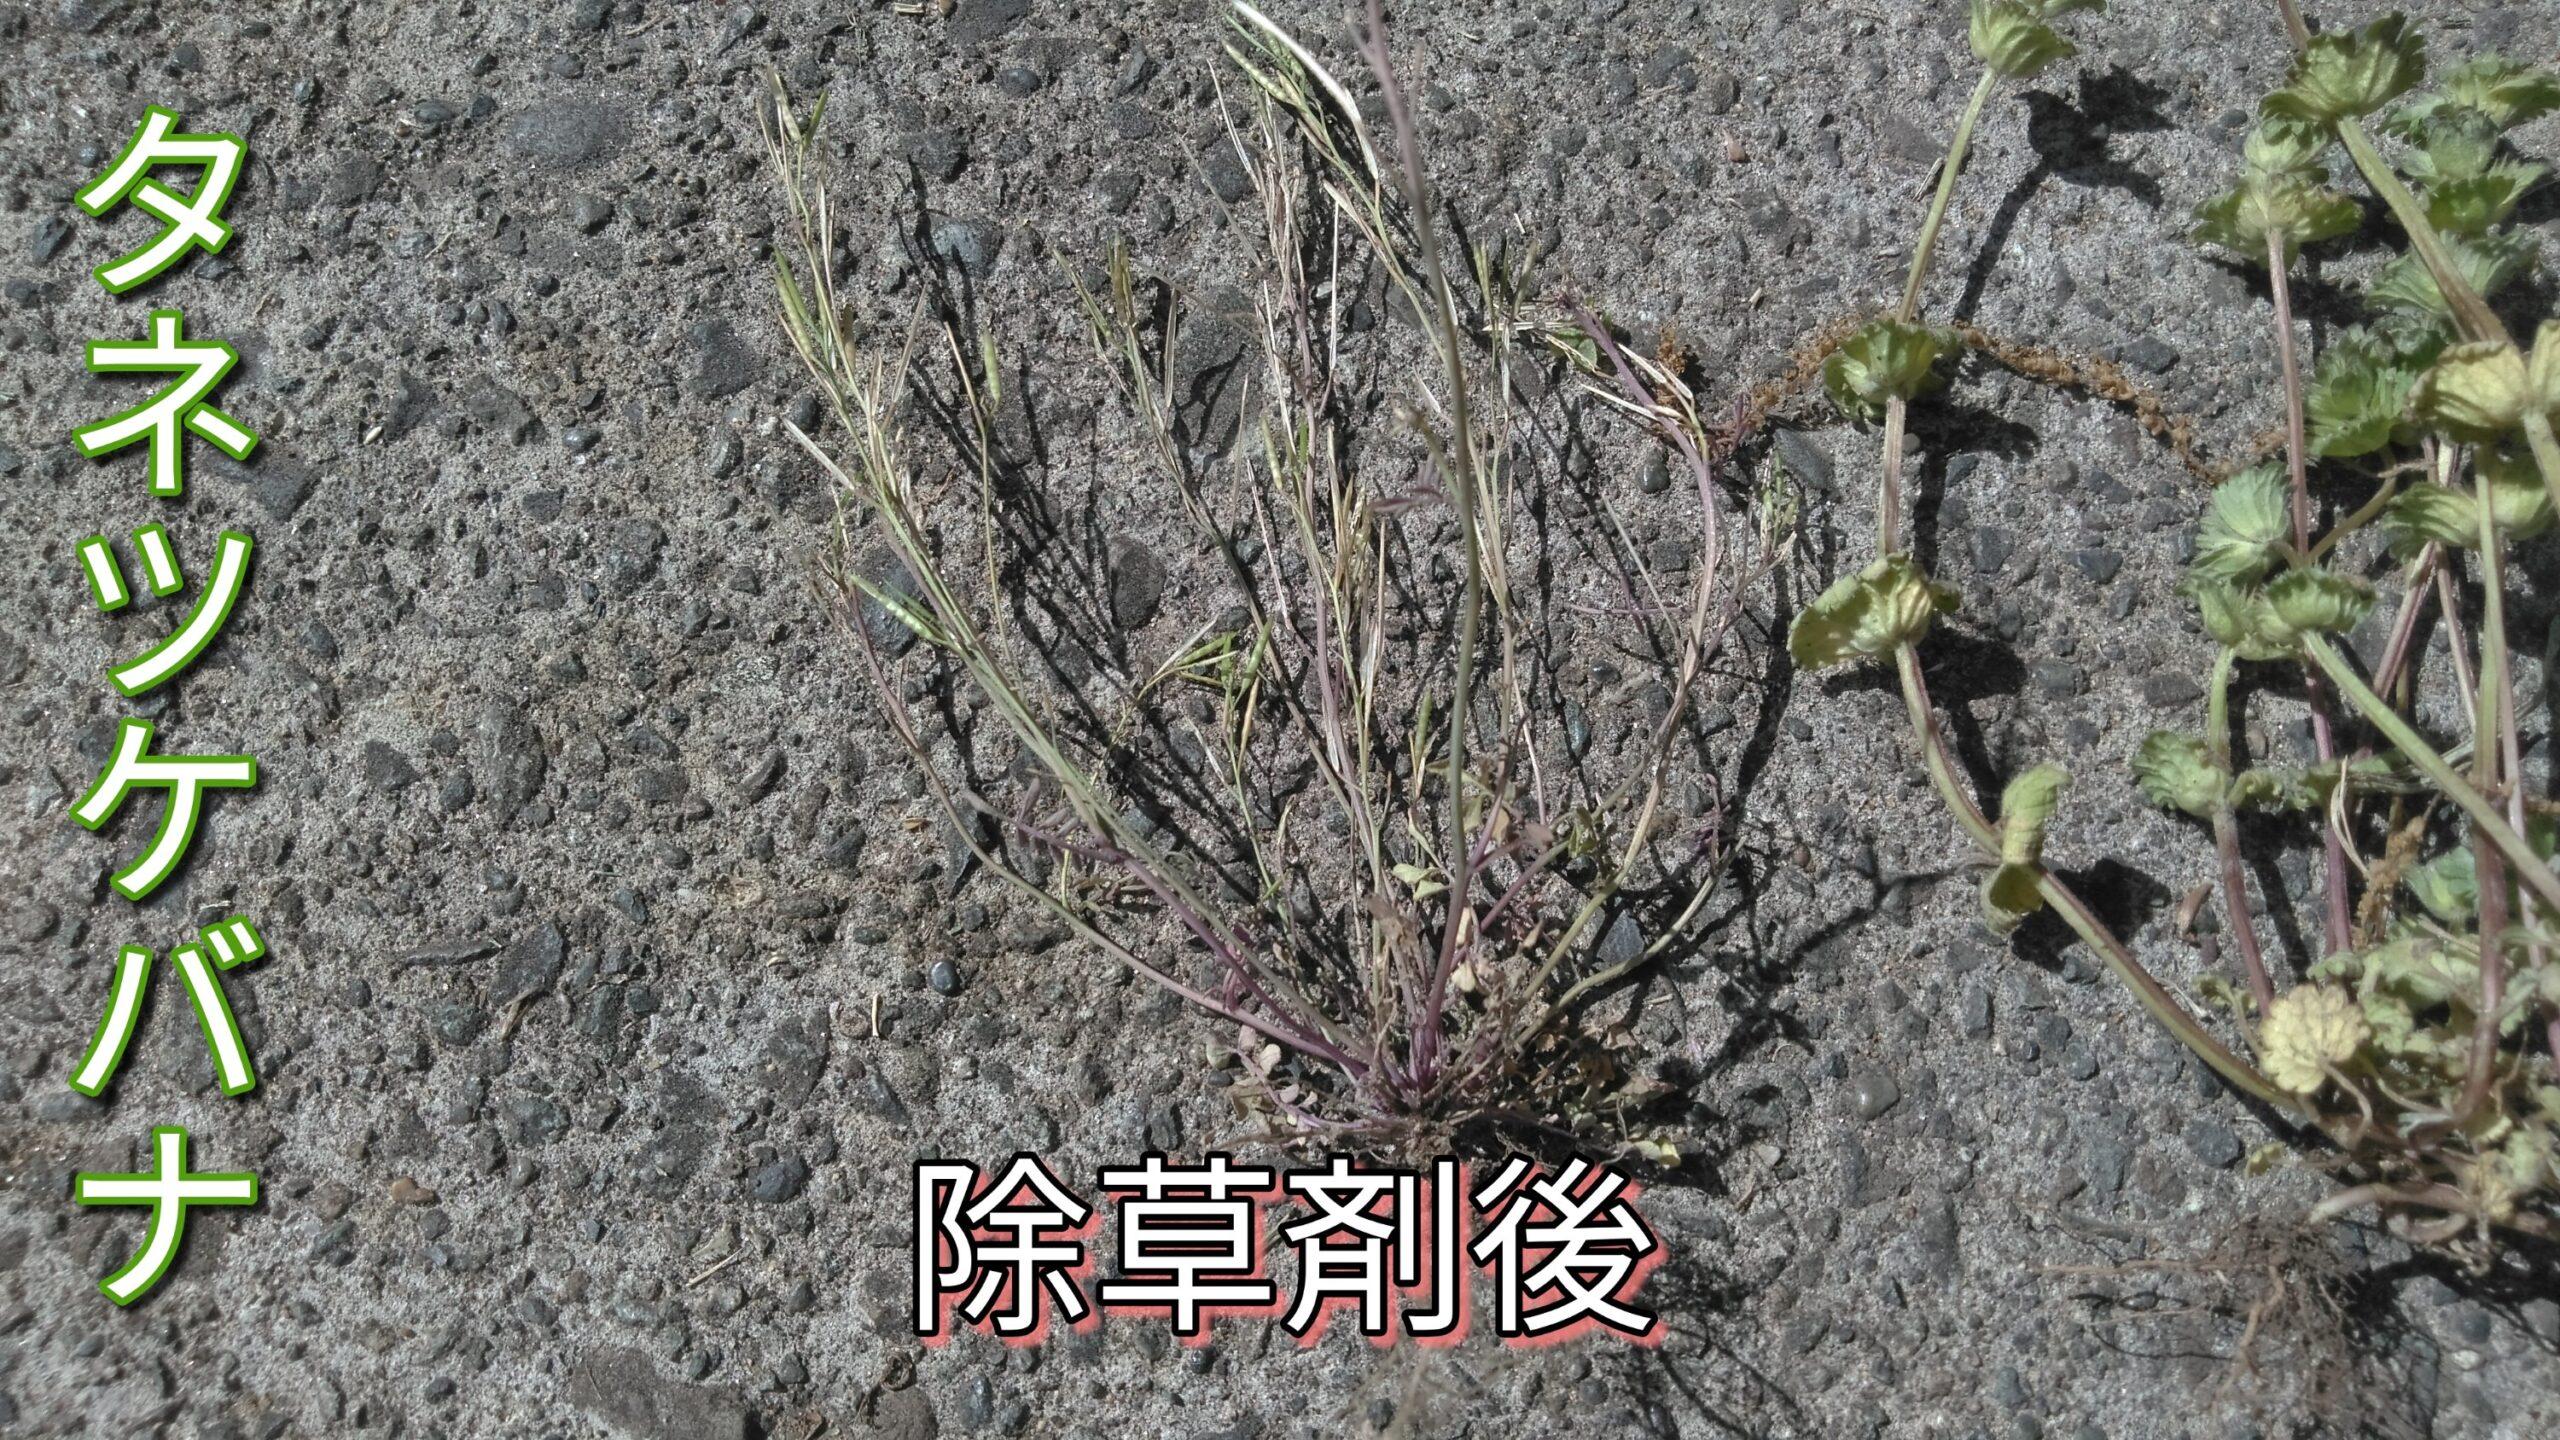 除草剤後のタネツケバナ